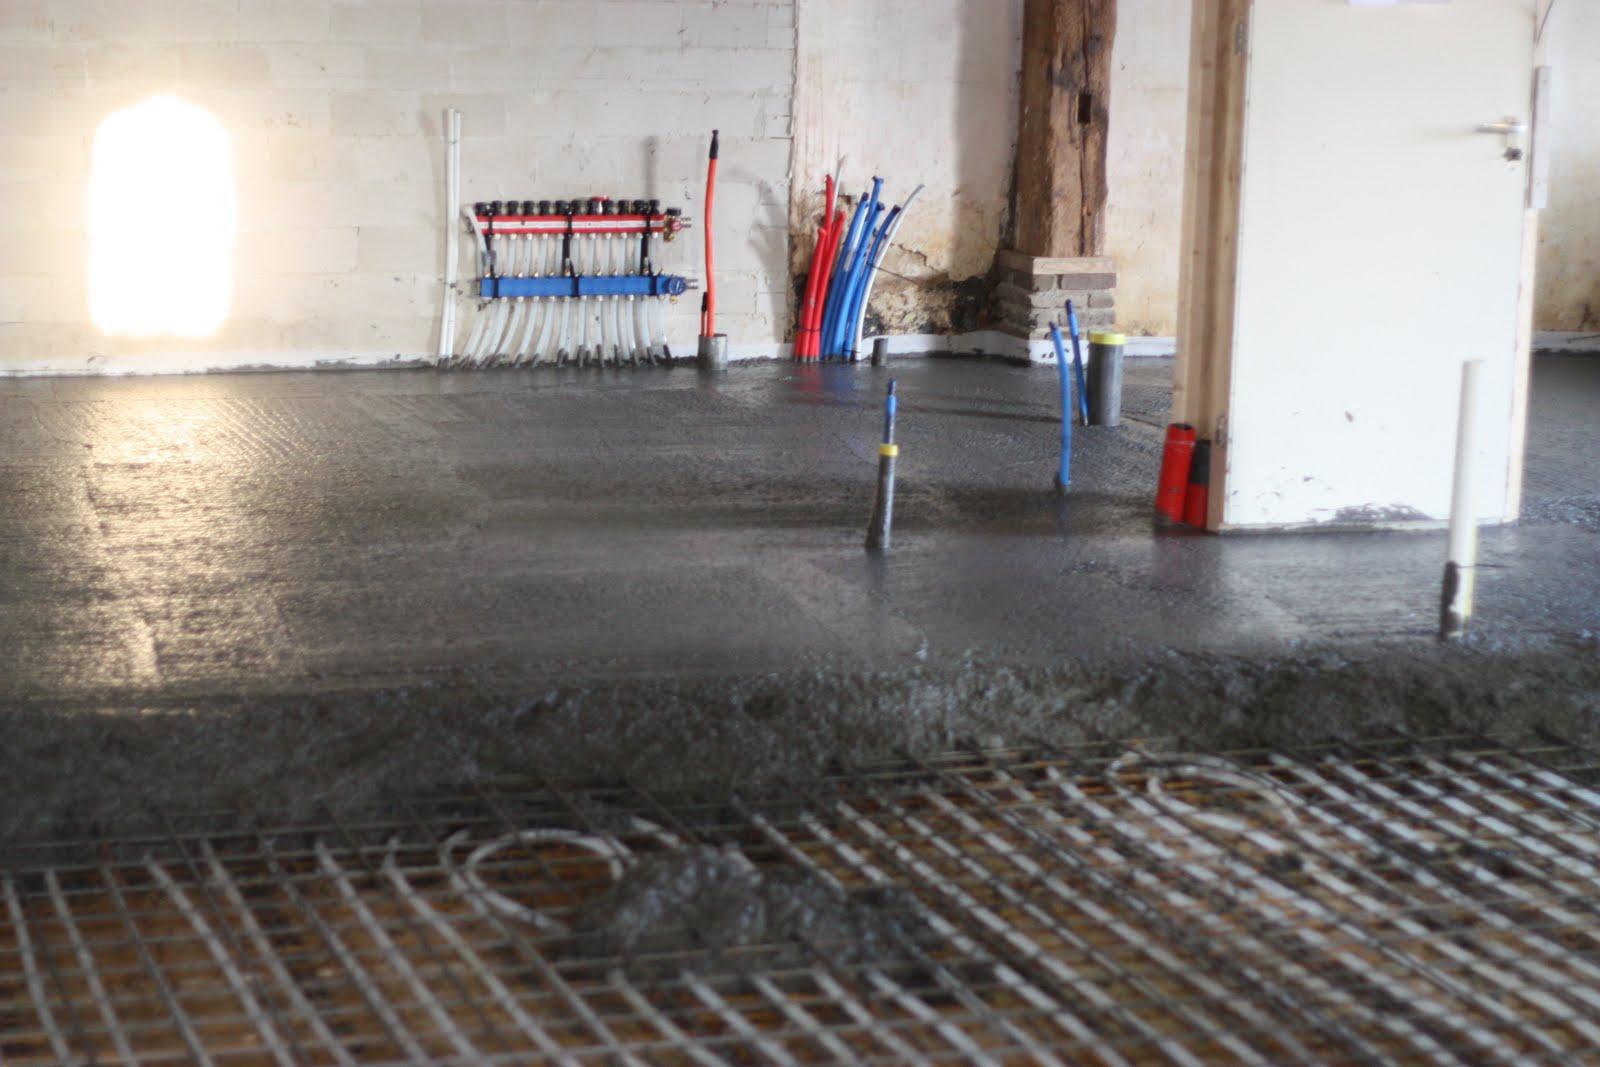 Badkamer Vloer Storten : Achterhuis verbouwing verbouwings beton storten